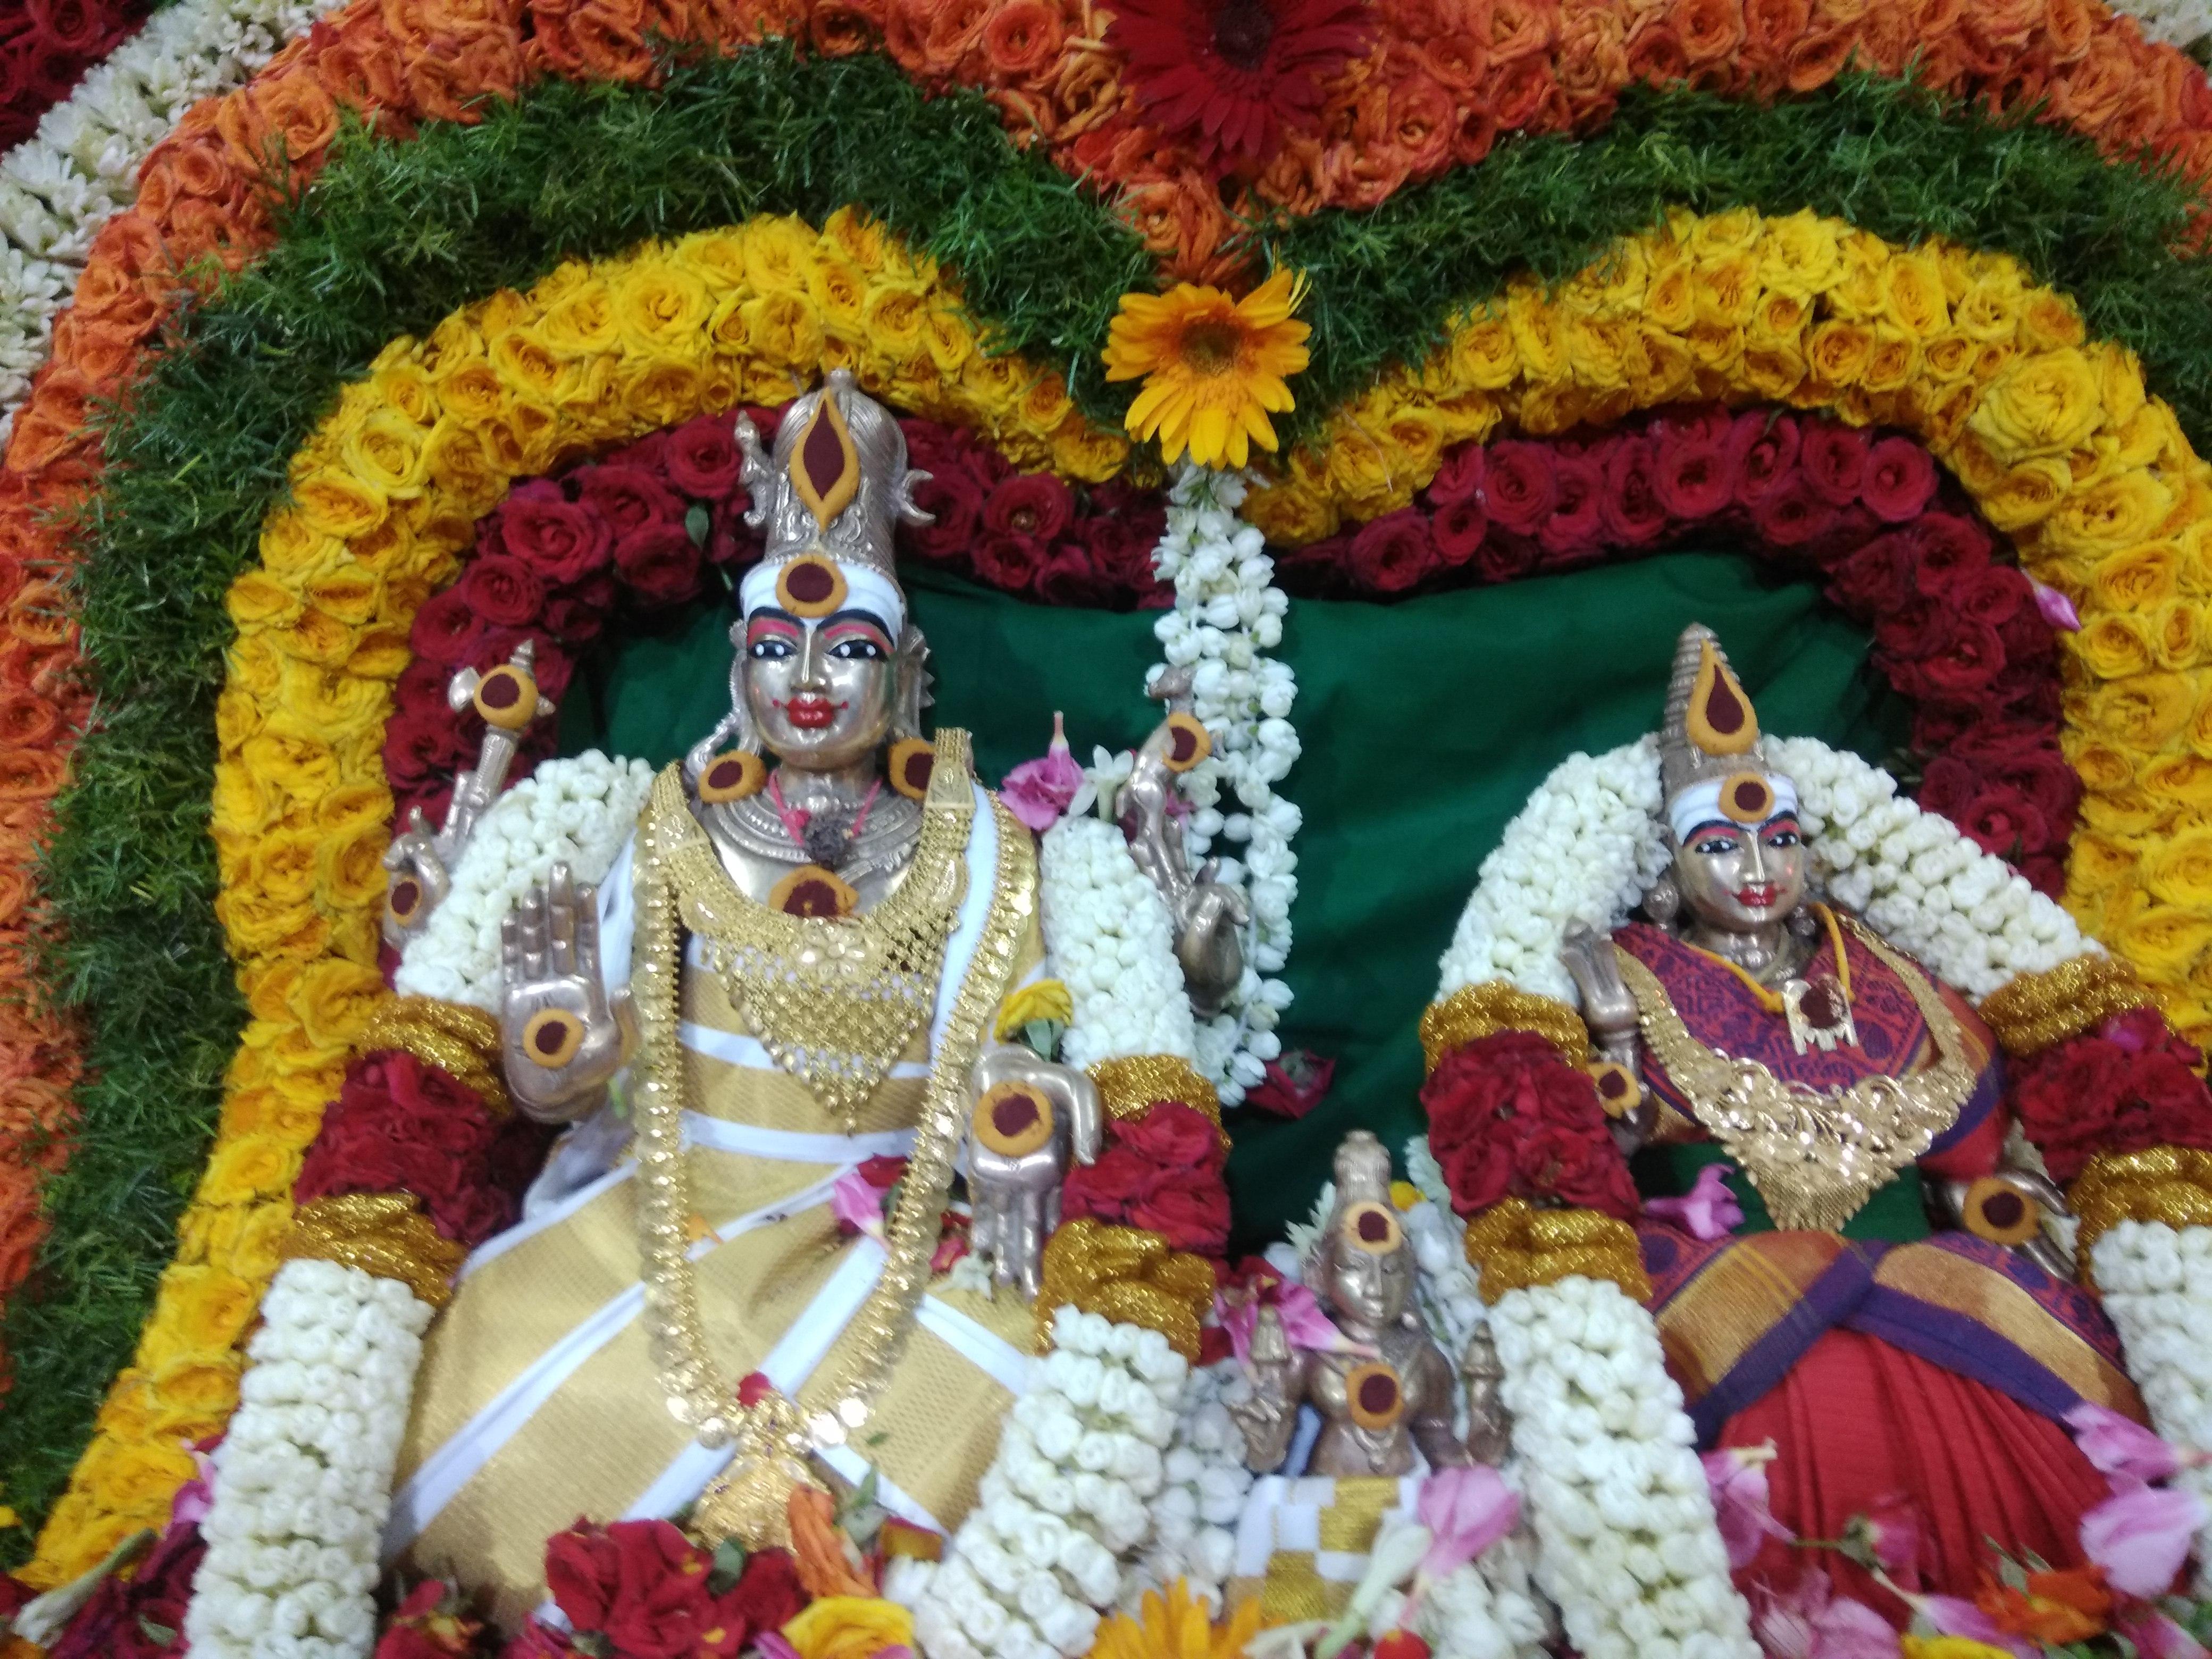 http://www.saivasamayam.in/wp-content/uploads/2019/06/IMG_20190623_140731.jpg